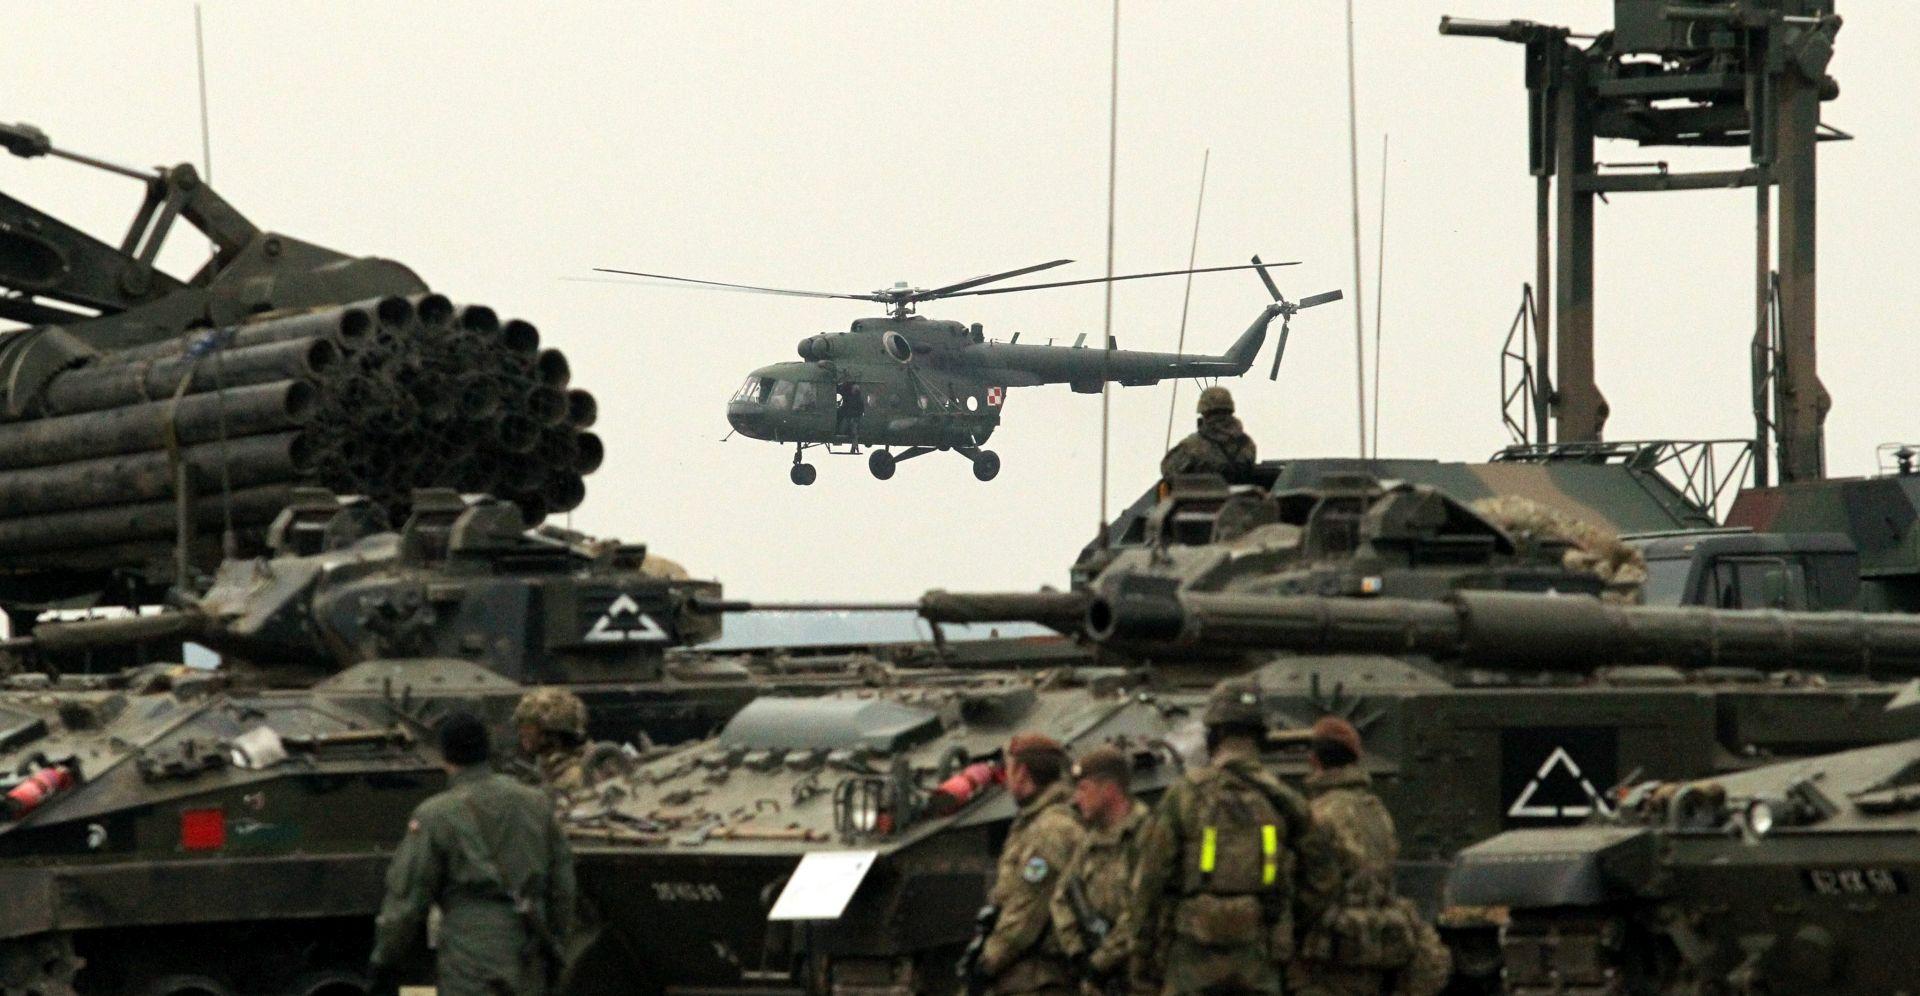 PROTIV KRIJUMČARENJA: Njemačka šalje do 650 vojnika u misiju NATO-a